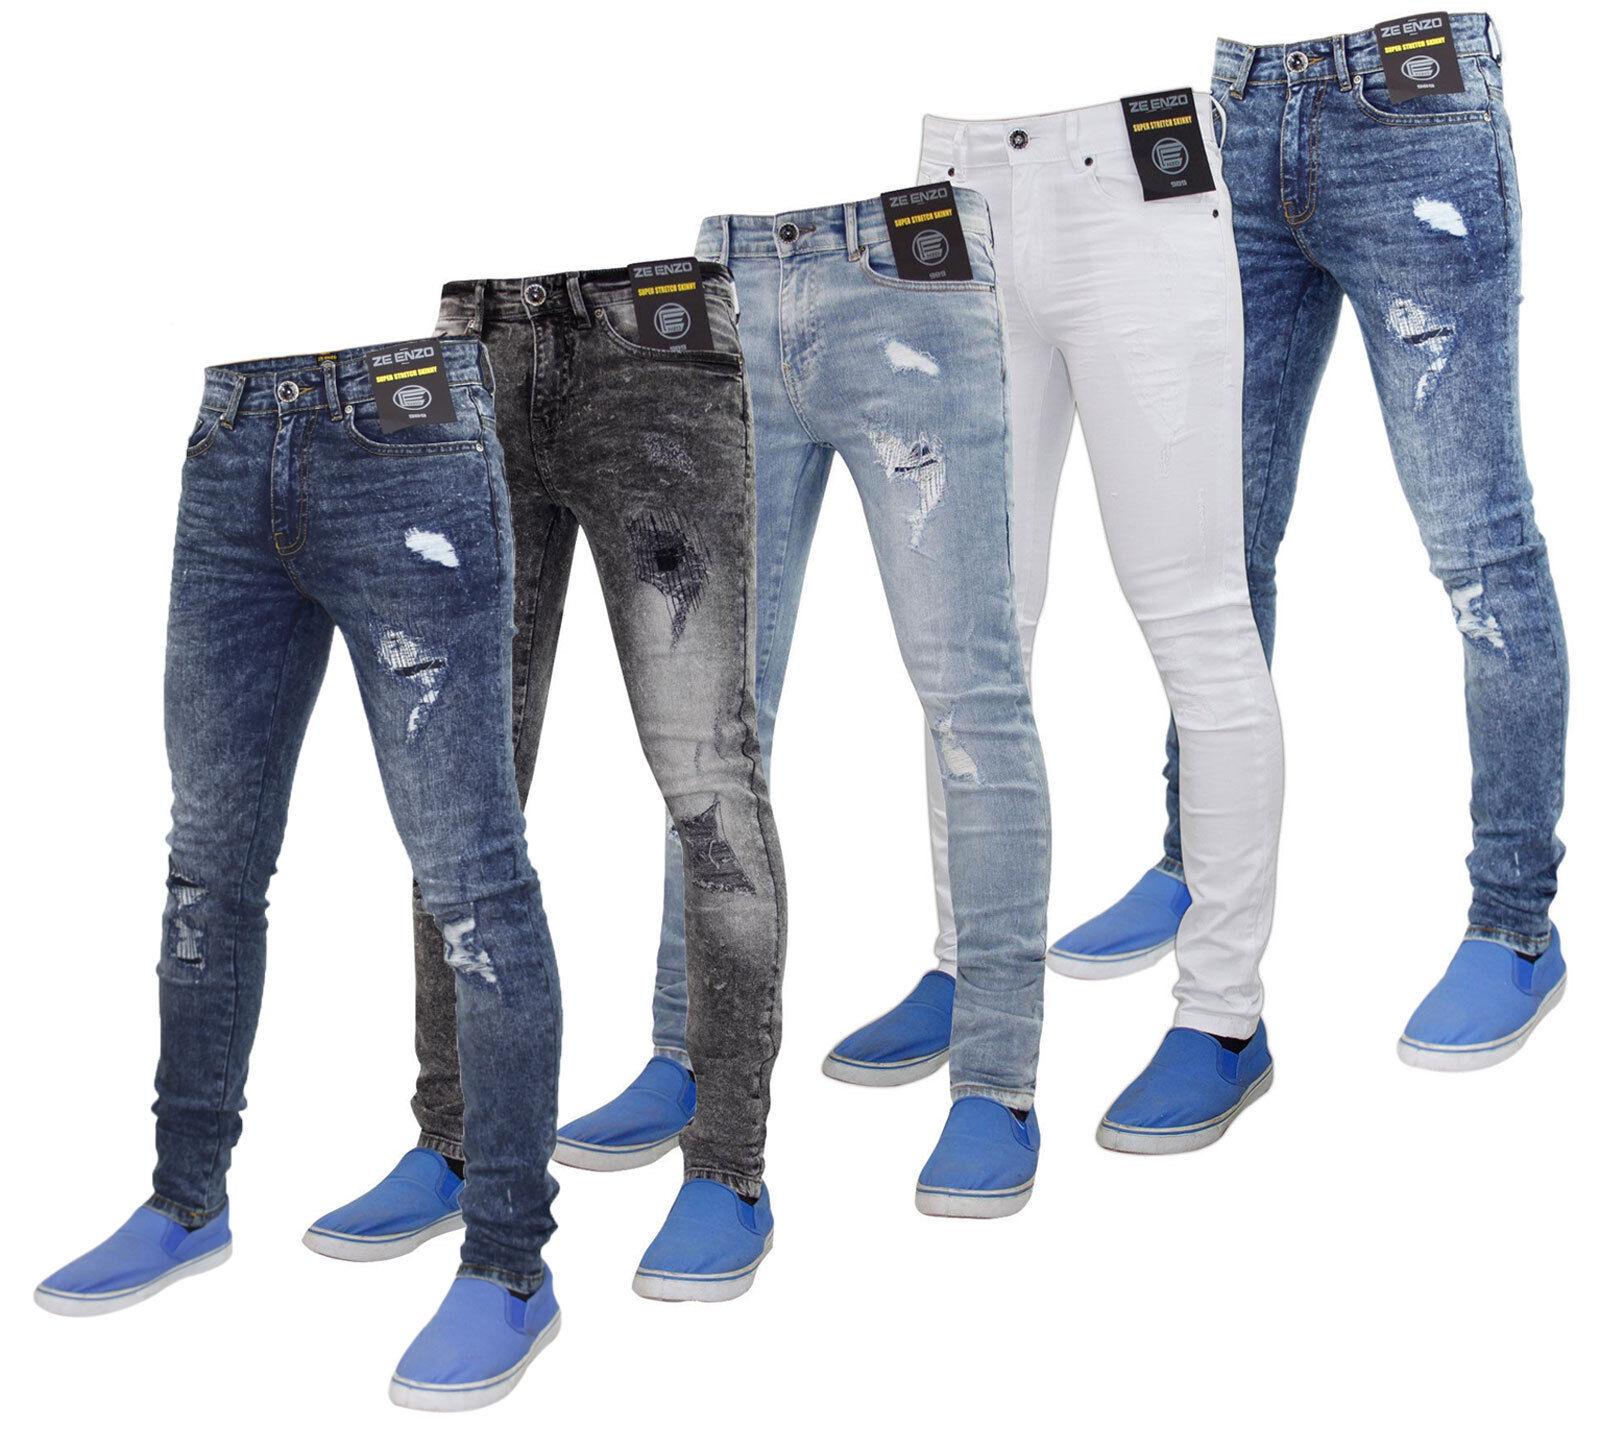 Enzo Uomo Super Elasticizzato Aderente Strappato & & & Riparazione Denim Jeans 98e5cd